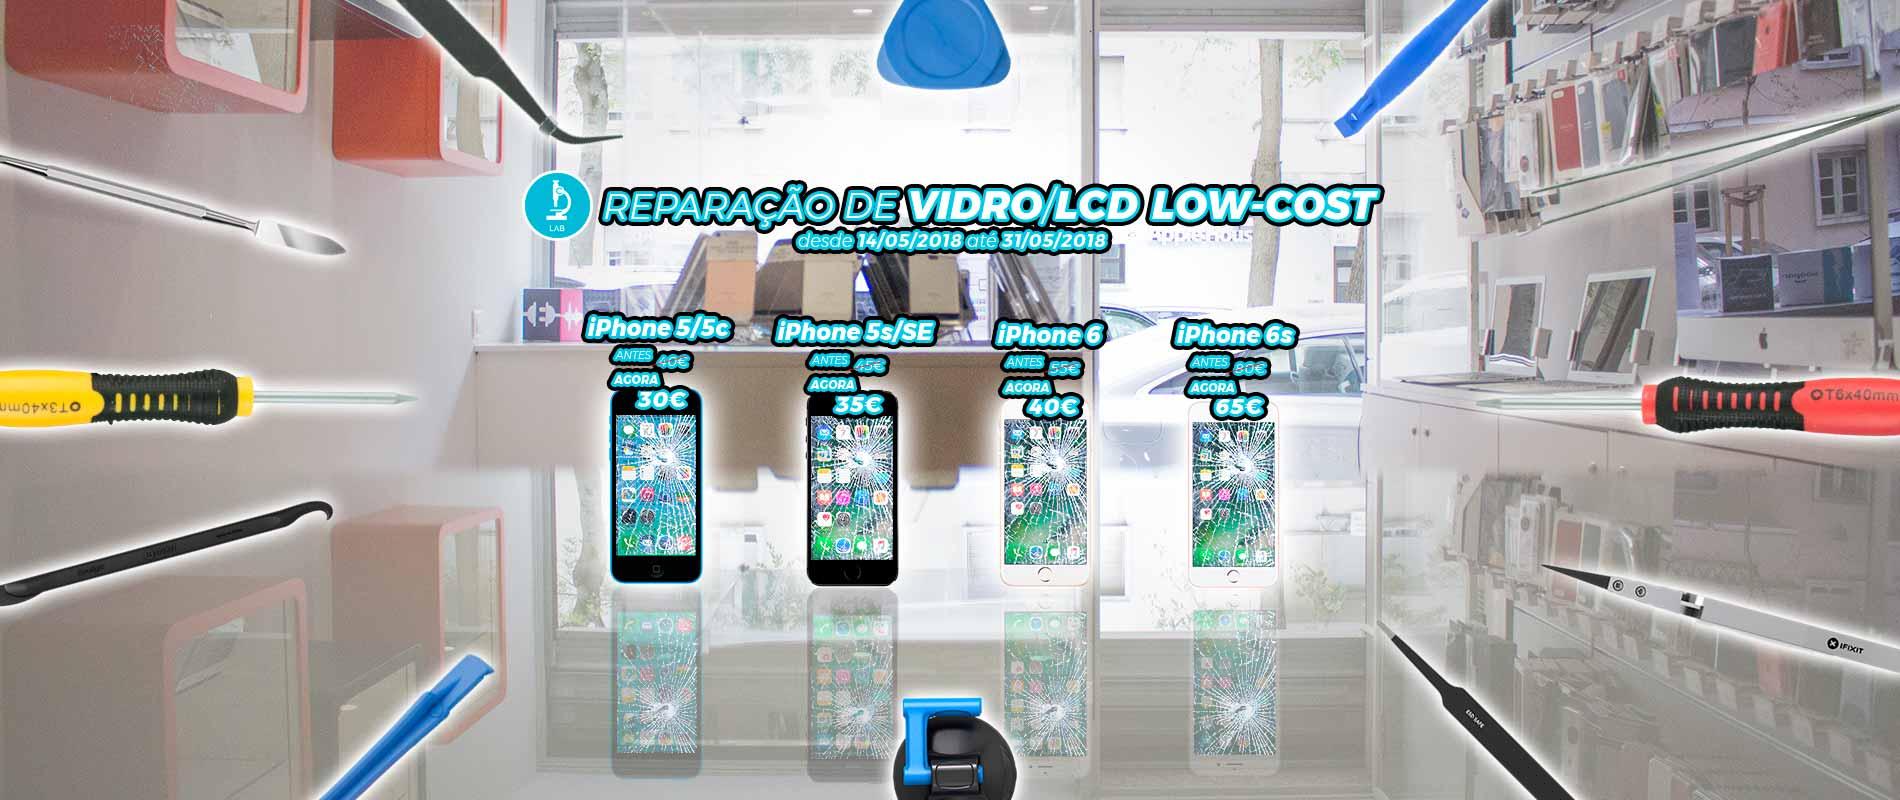 Gadget Hub - Reparações de VIDRO e LCD iPhone - Reparar Vidro iPhone - Reparar LCD iPhone em Lisboa 2